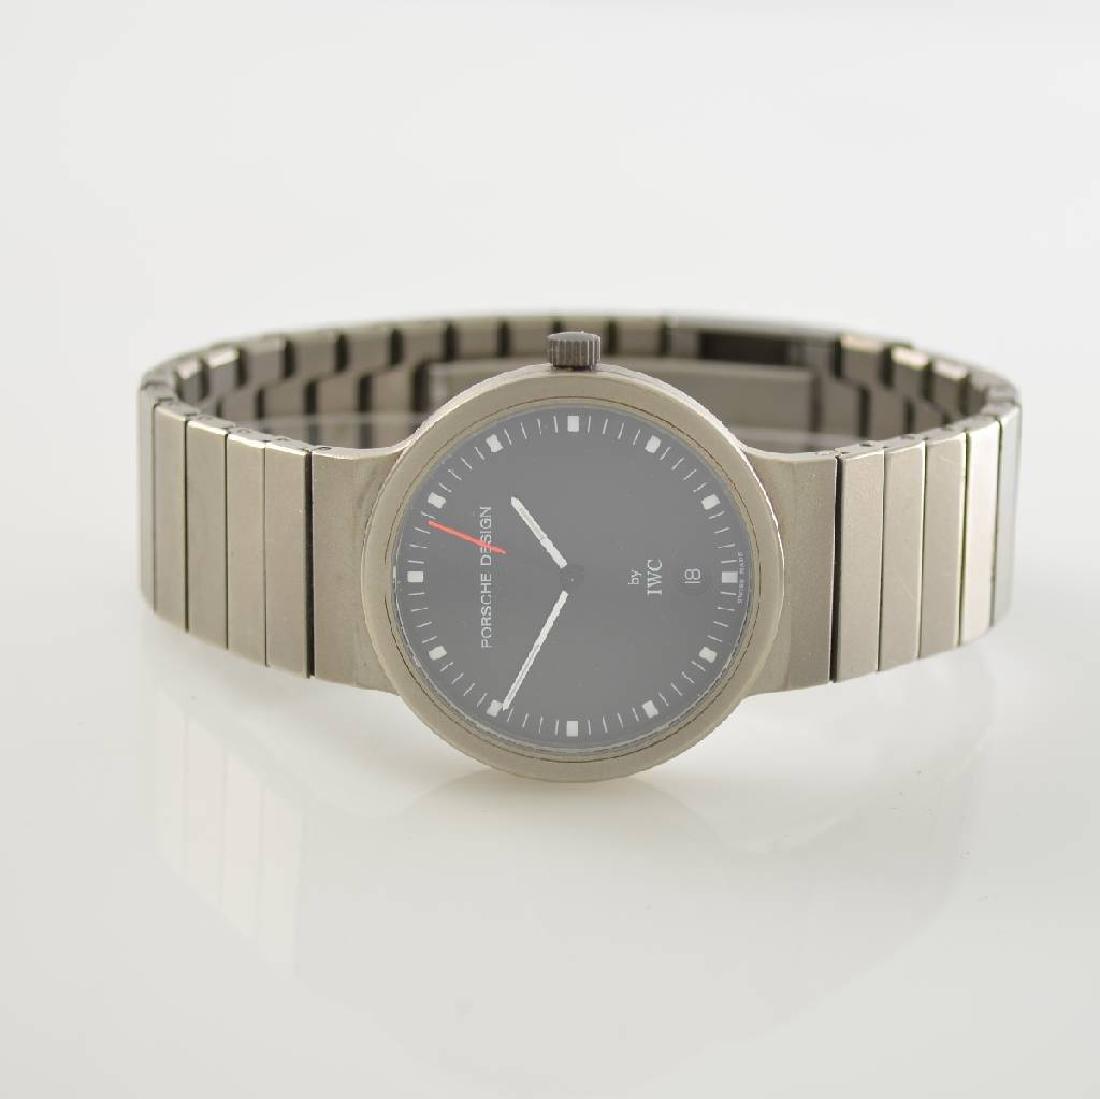 IWC wristwatch in Porsche design reference 3336